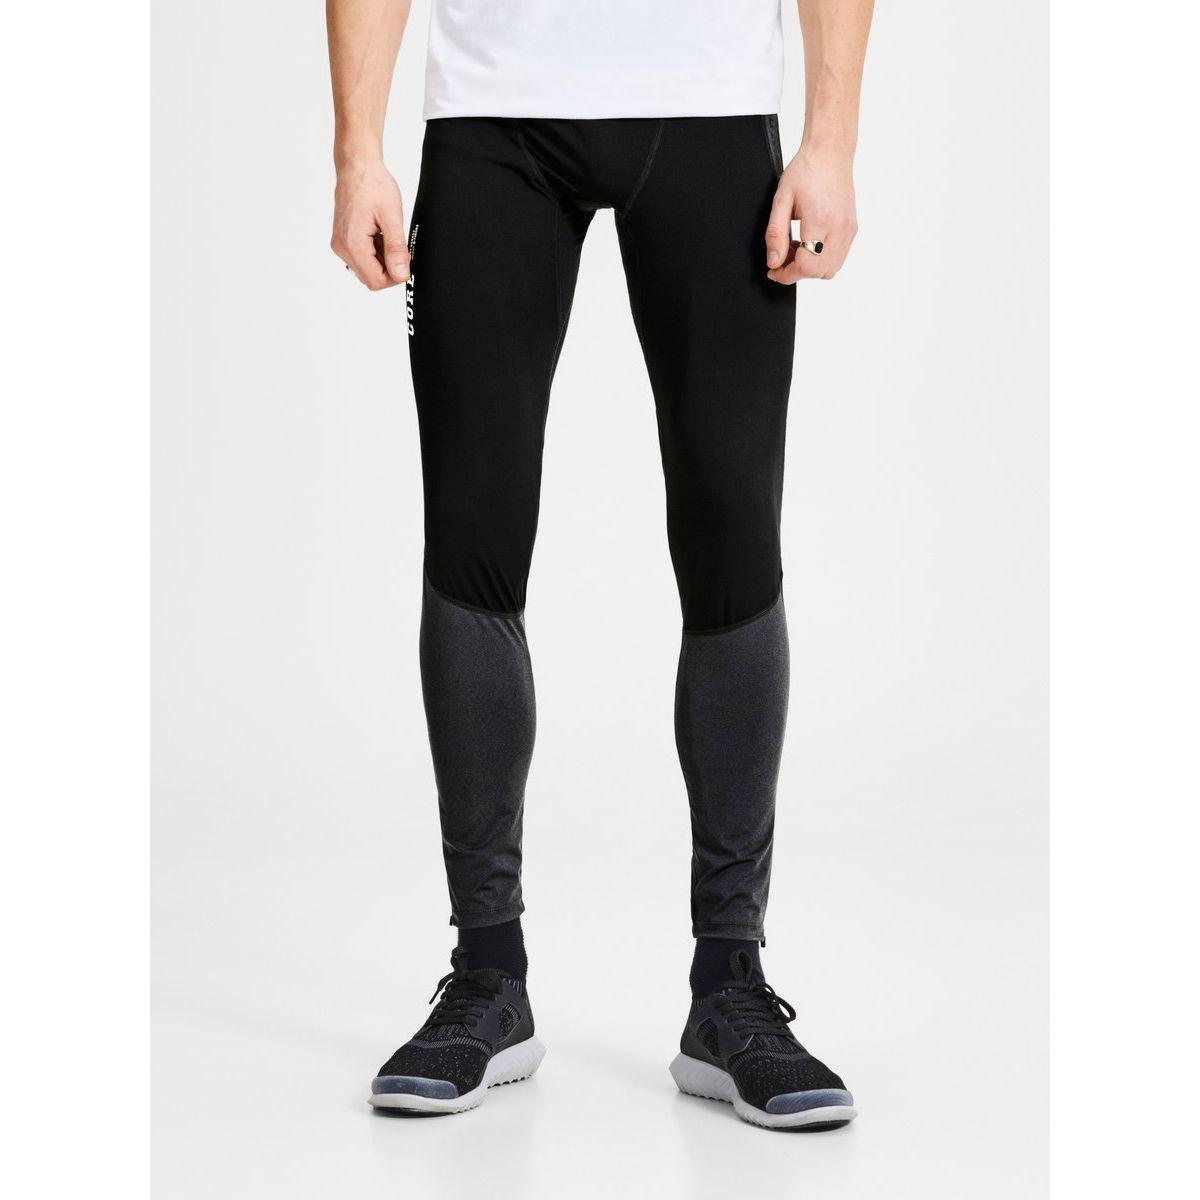 Pantalon de running Classique